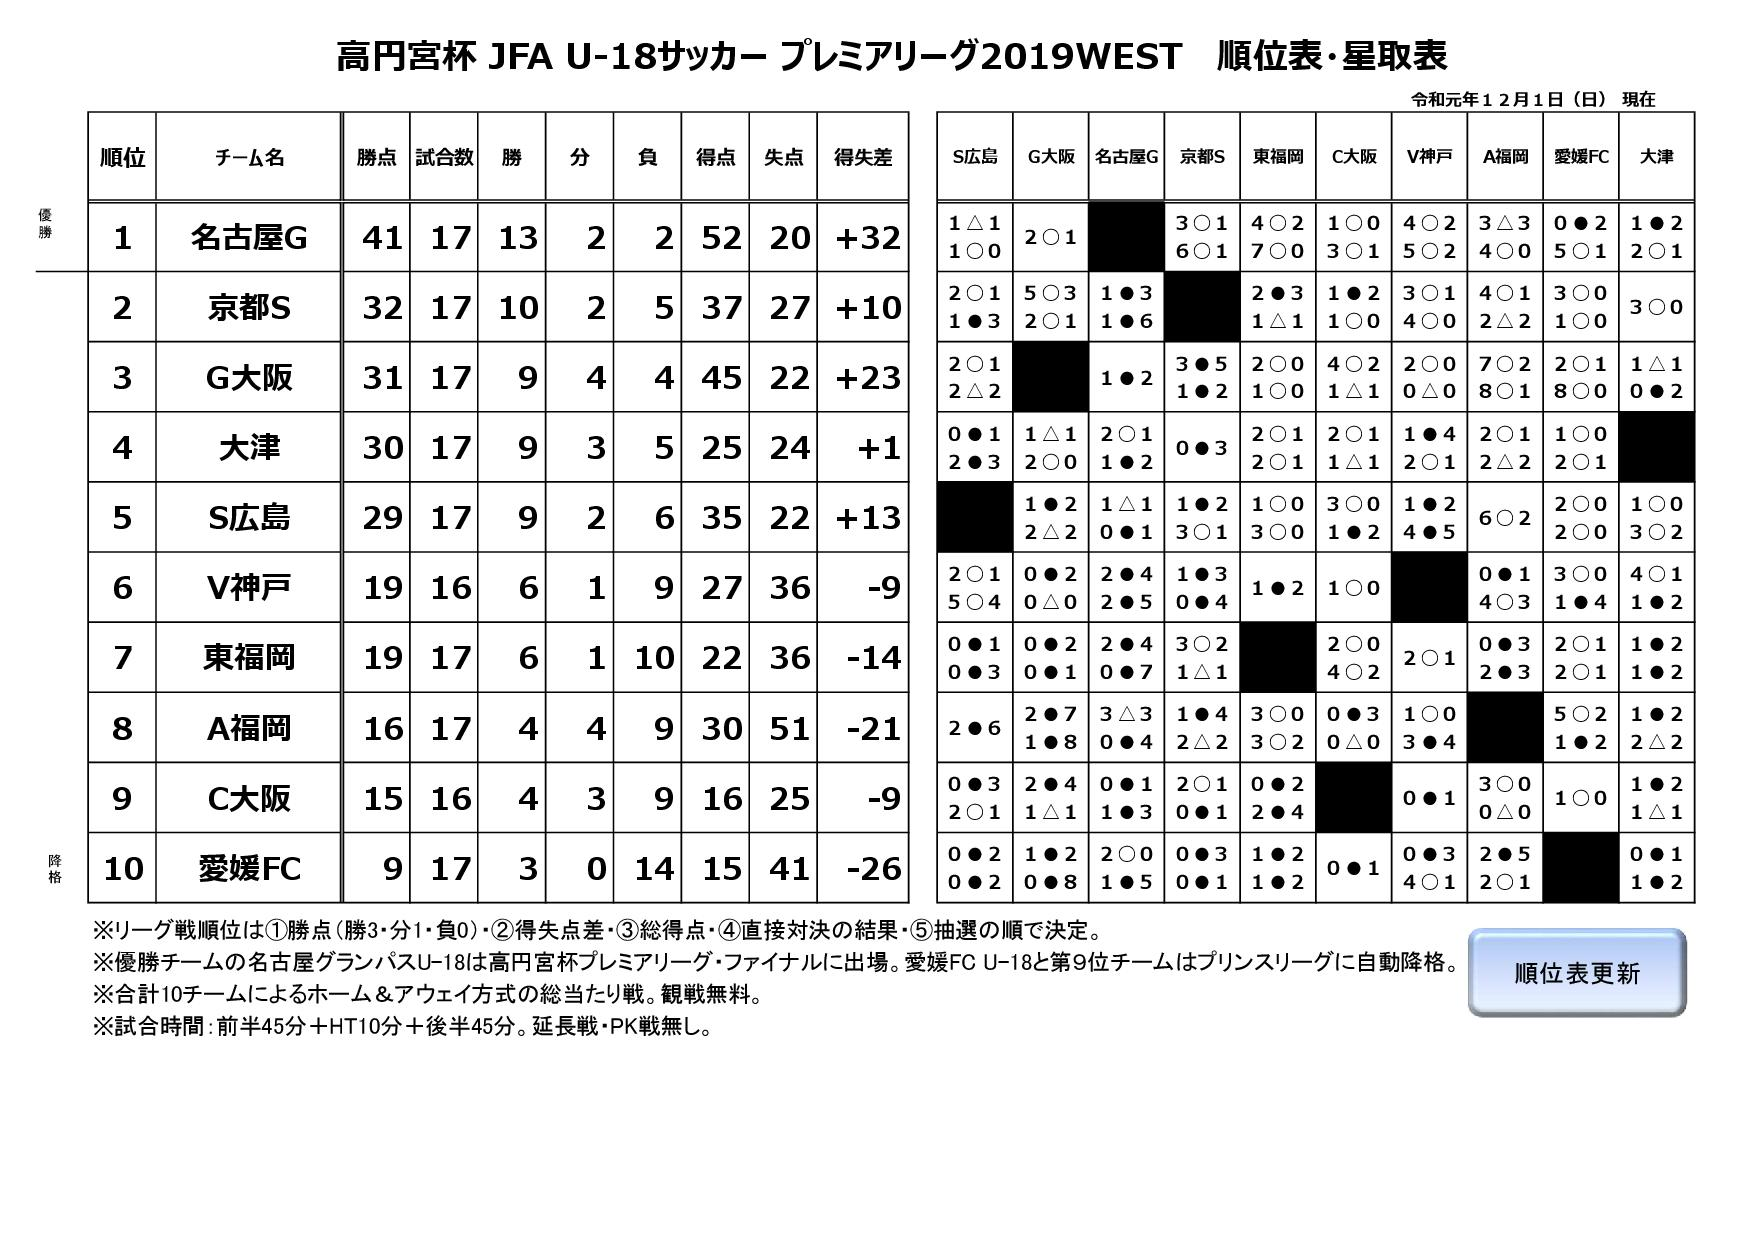 高円宮杯 JFA U-18サッカープレミアリーグ2019WEST